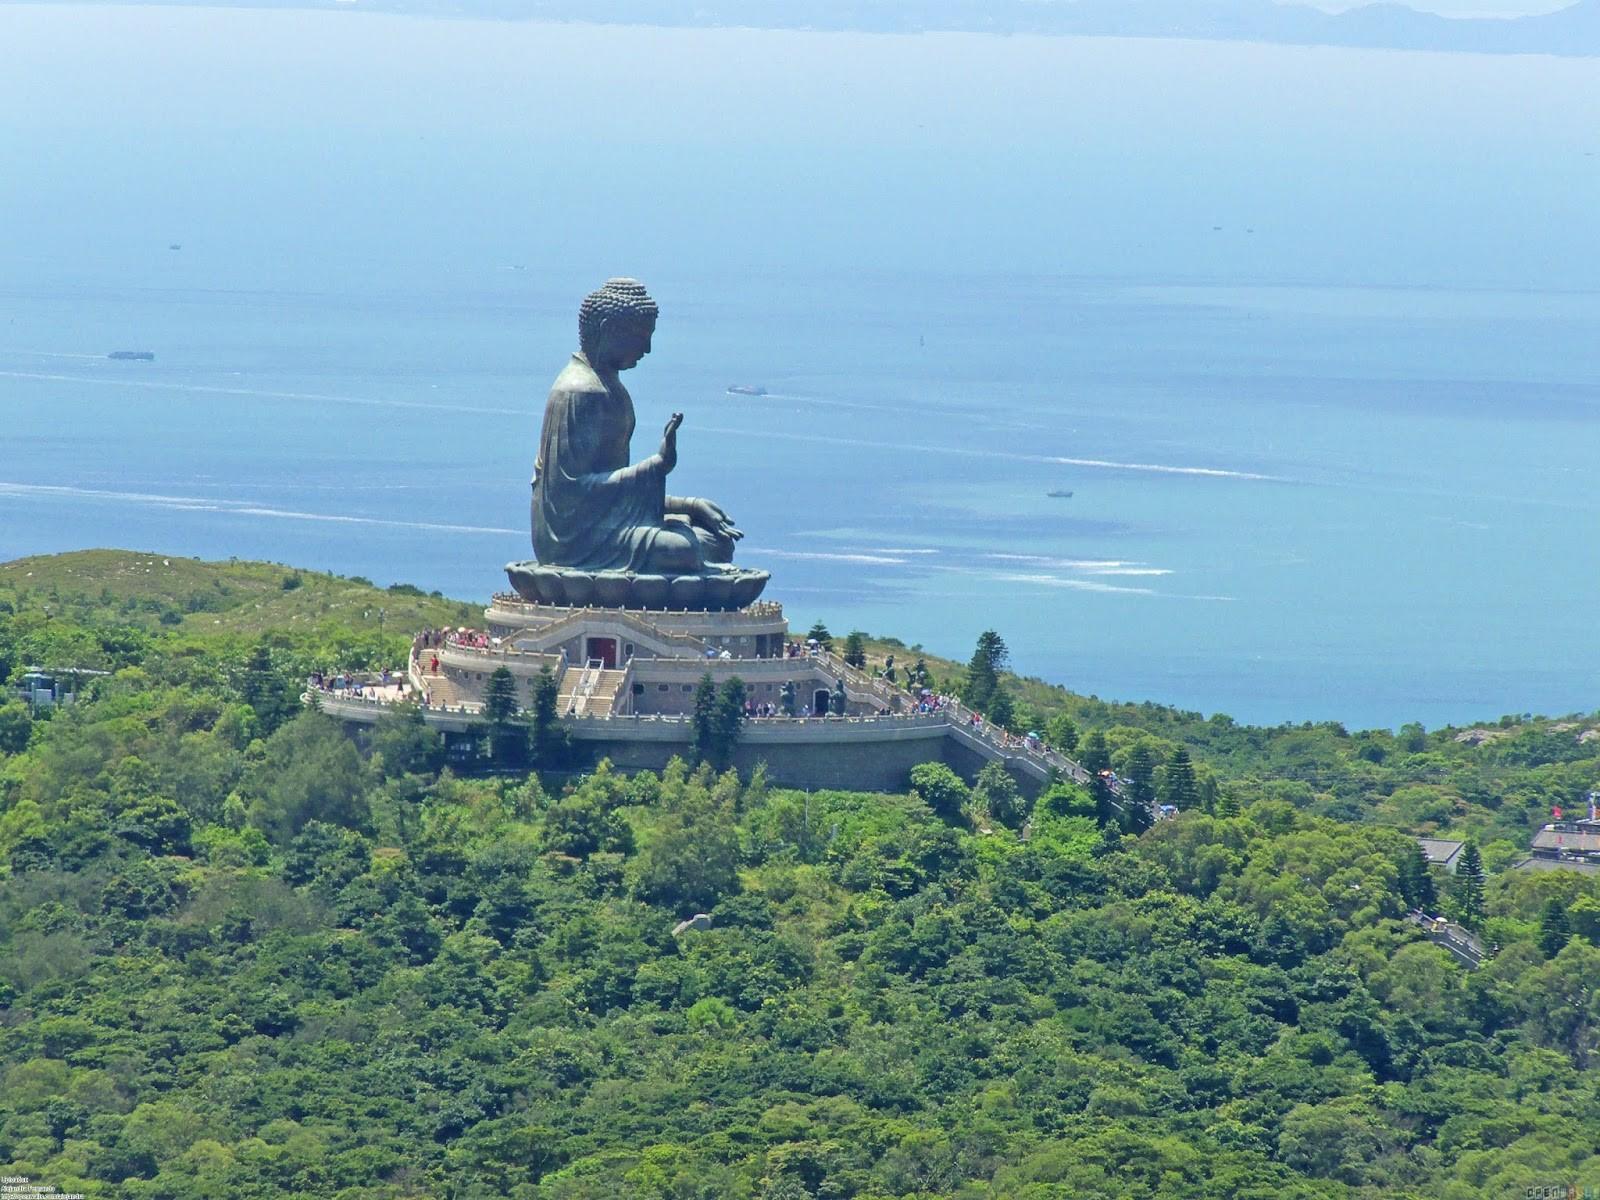 Tận hưởng sự thanh bình, thơ mộng tại đảo Lantau